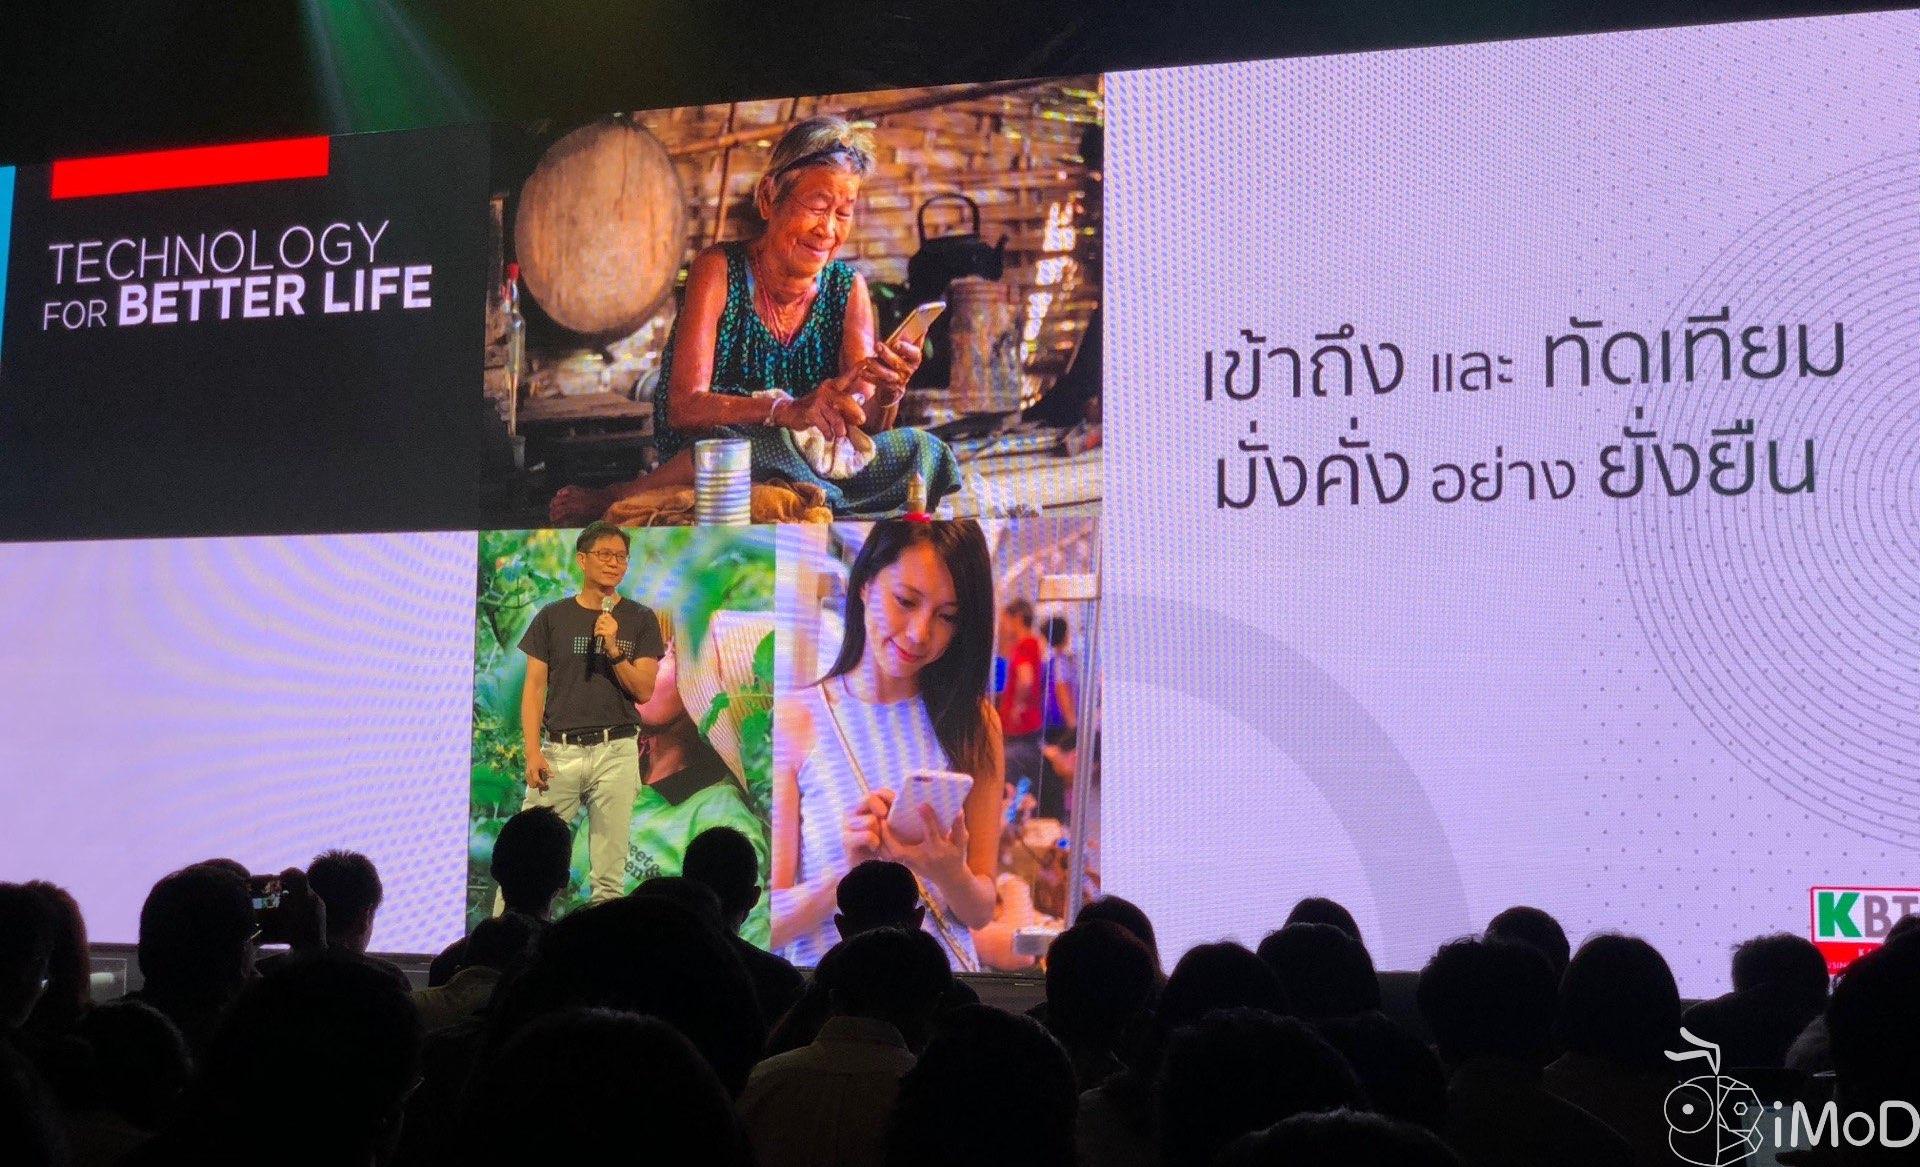 Kbtg Technology For Better Life